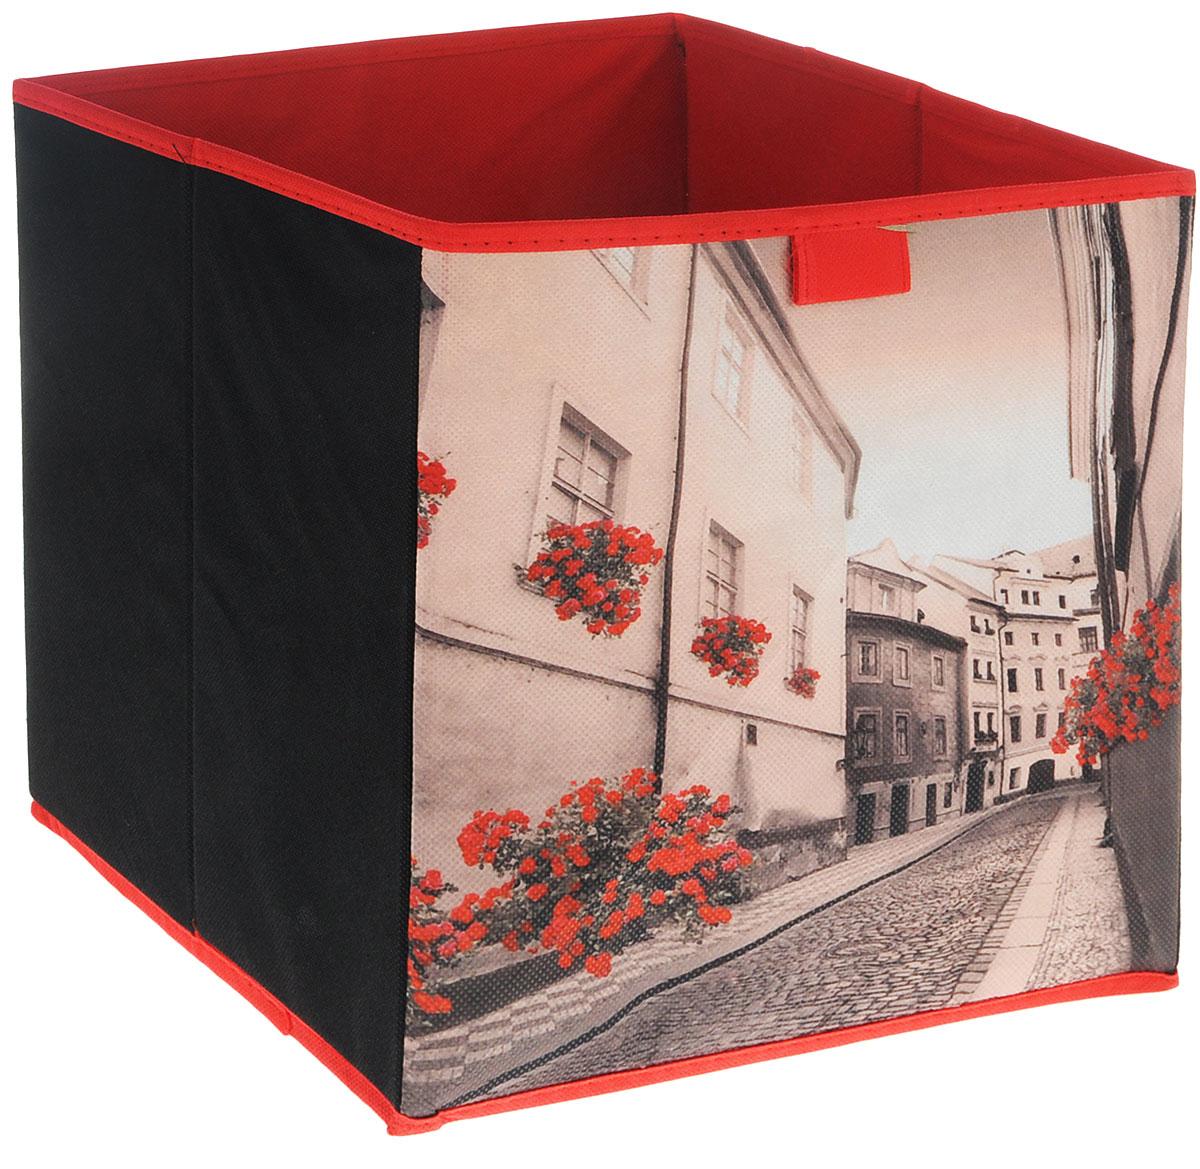 Коробка для хранения Youll love, складная, цвет: красный, 27 х 27 х 28 см70850_красныйКоробка для хранения Youll love поможет легко организовать пространство в шкафу или в гардеробе. Изделие выполнено из нетканого полотна(полипропилена). Коробка держит форму благодаря жесткой вставке из картона, которая устанавливается на дно. В такой коробке удобно хранить нижнее белье, ремни и различные аксессуары. Высота коробки в разобранном виде: 28 см.